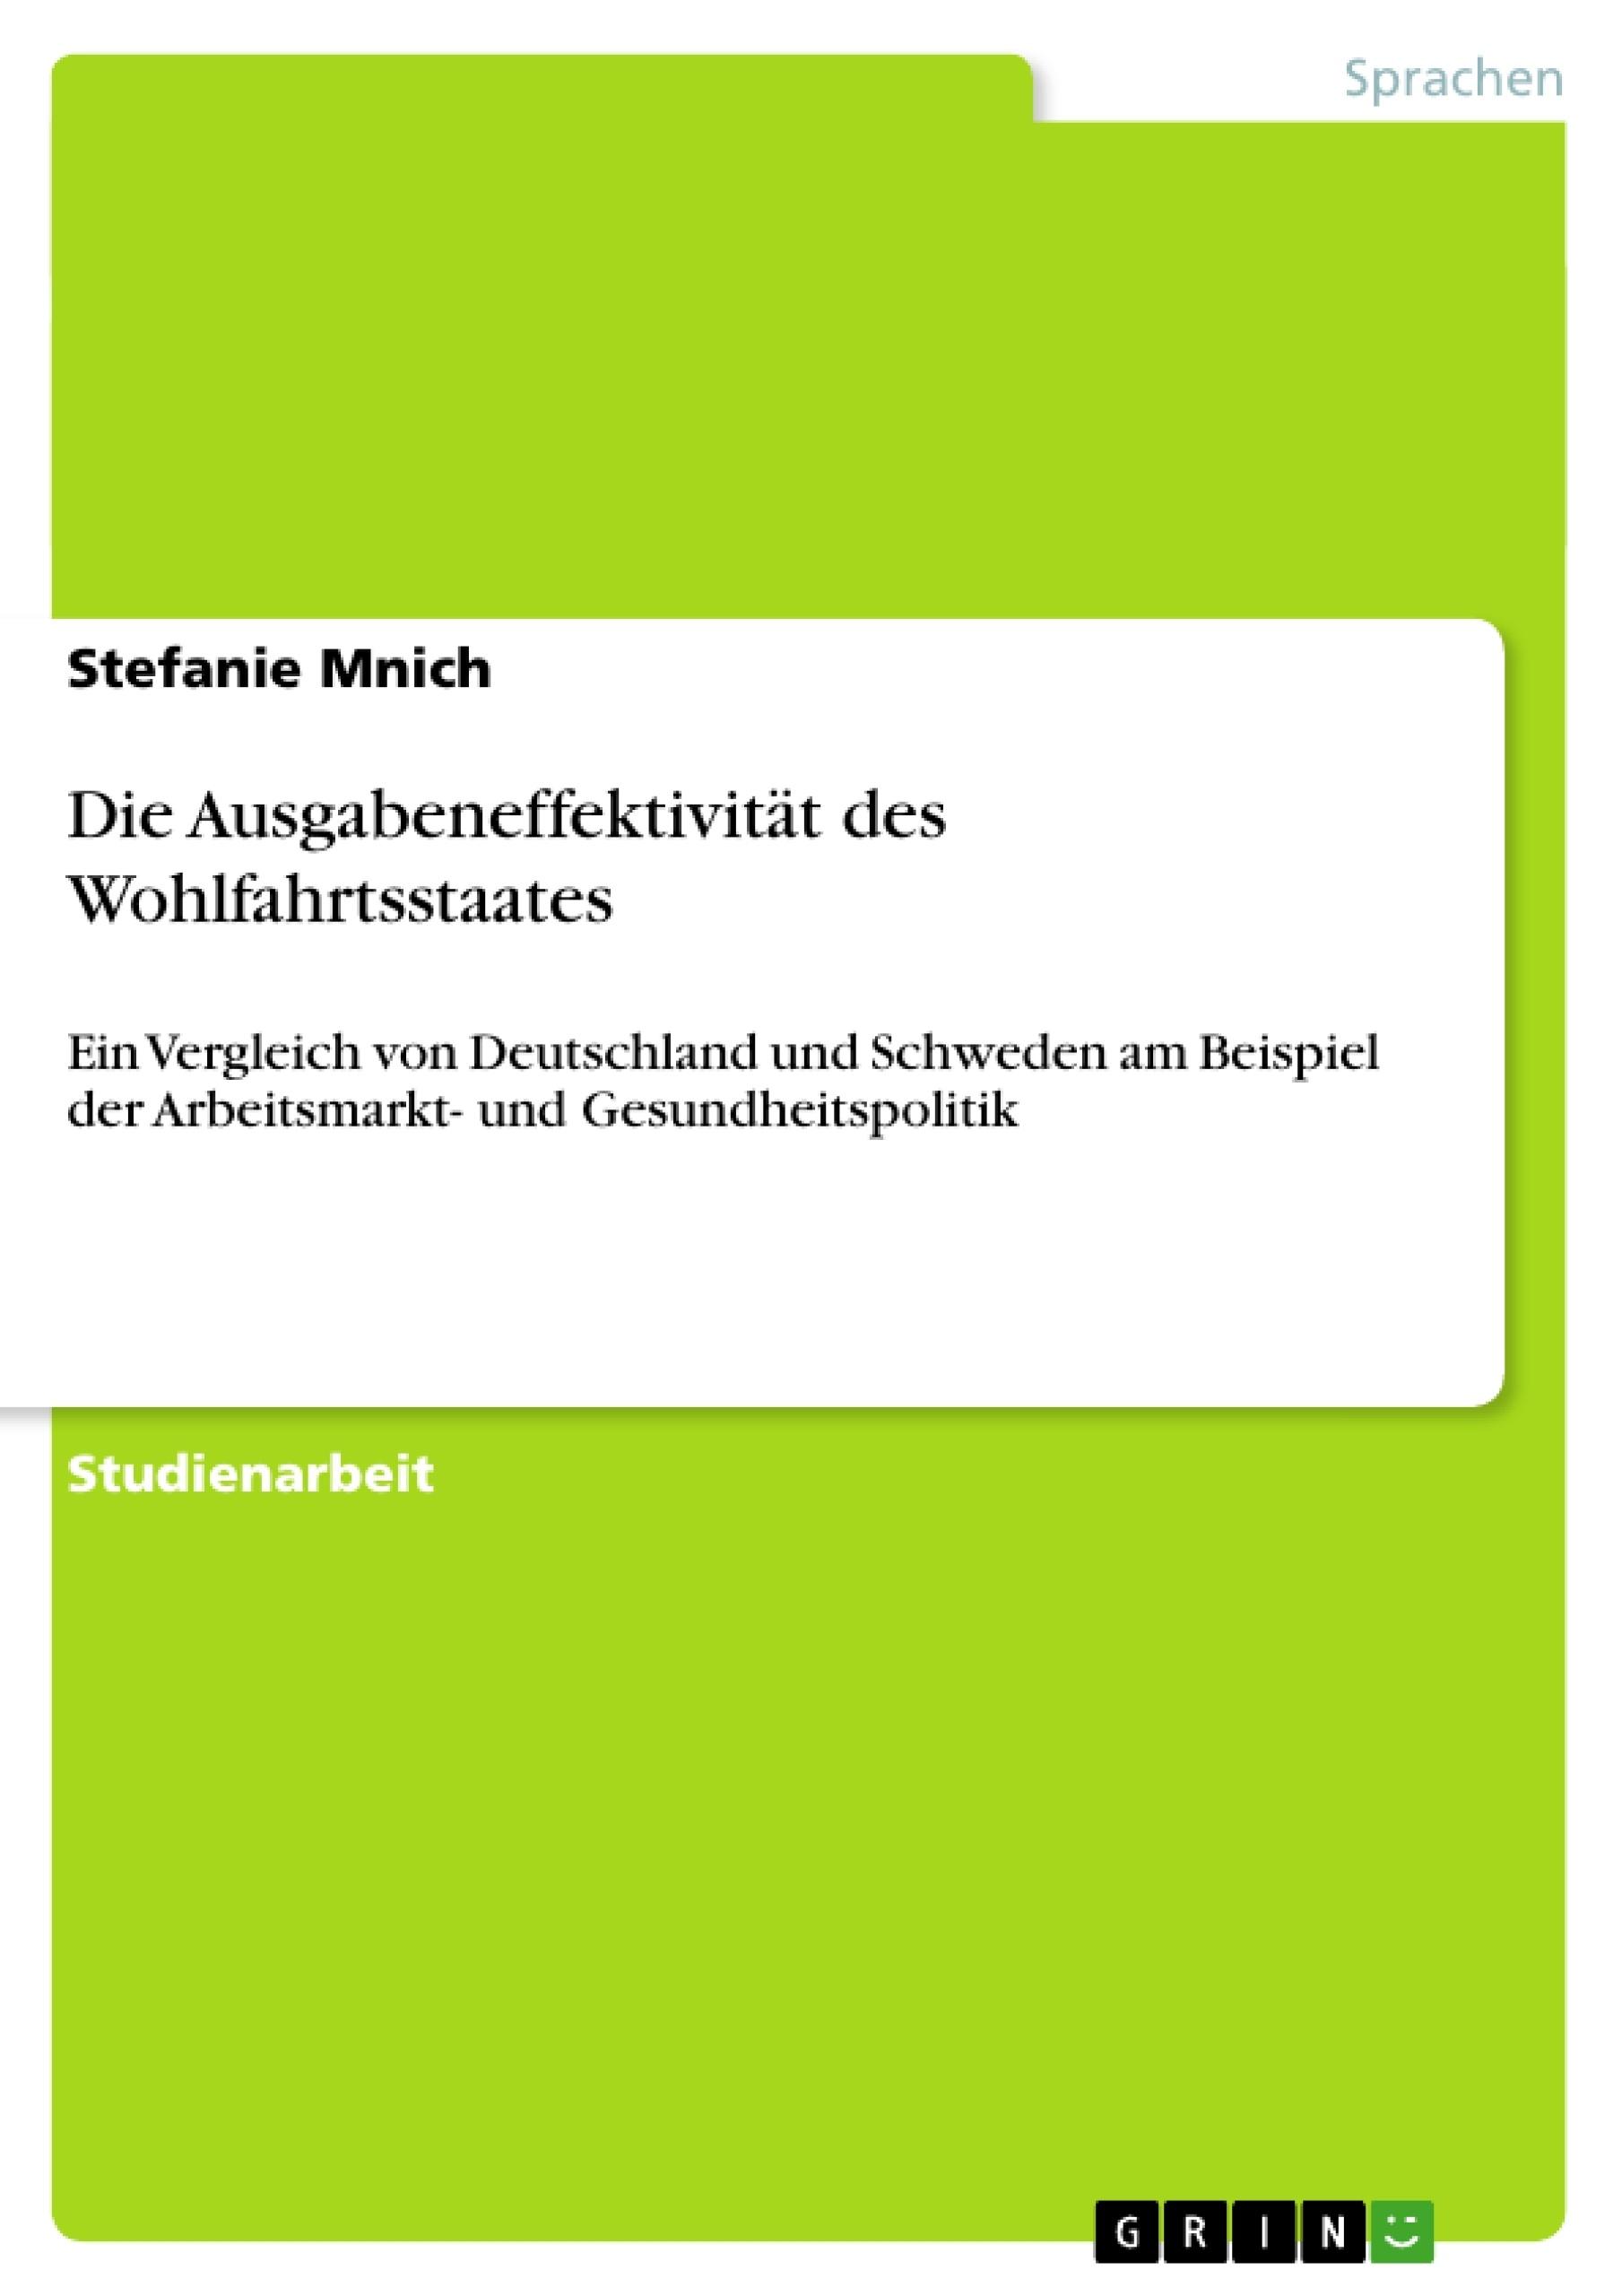 Titel: Die Ausgabeneffektivität des Wohlfahrtsstaates